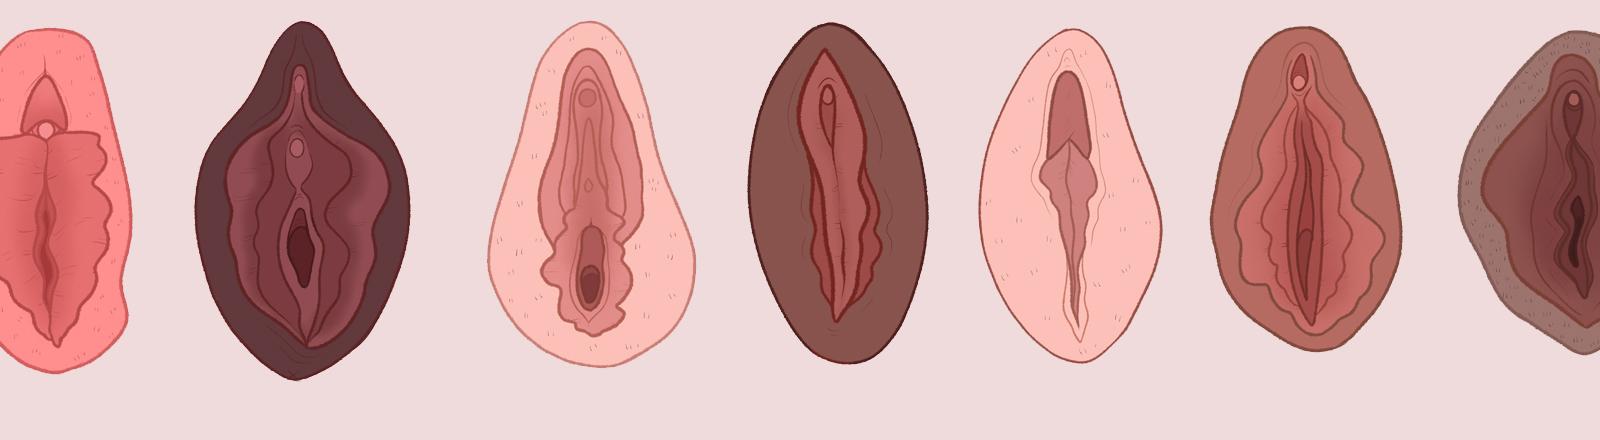 Mehrere Vaginas nebeneinander.